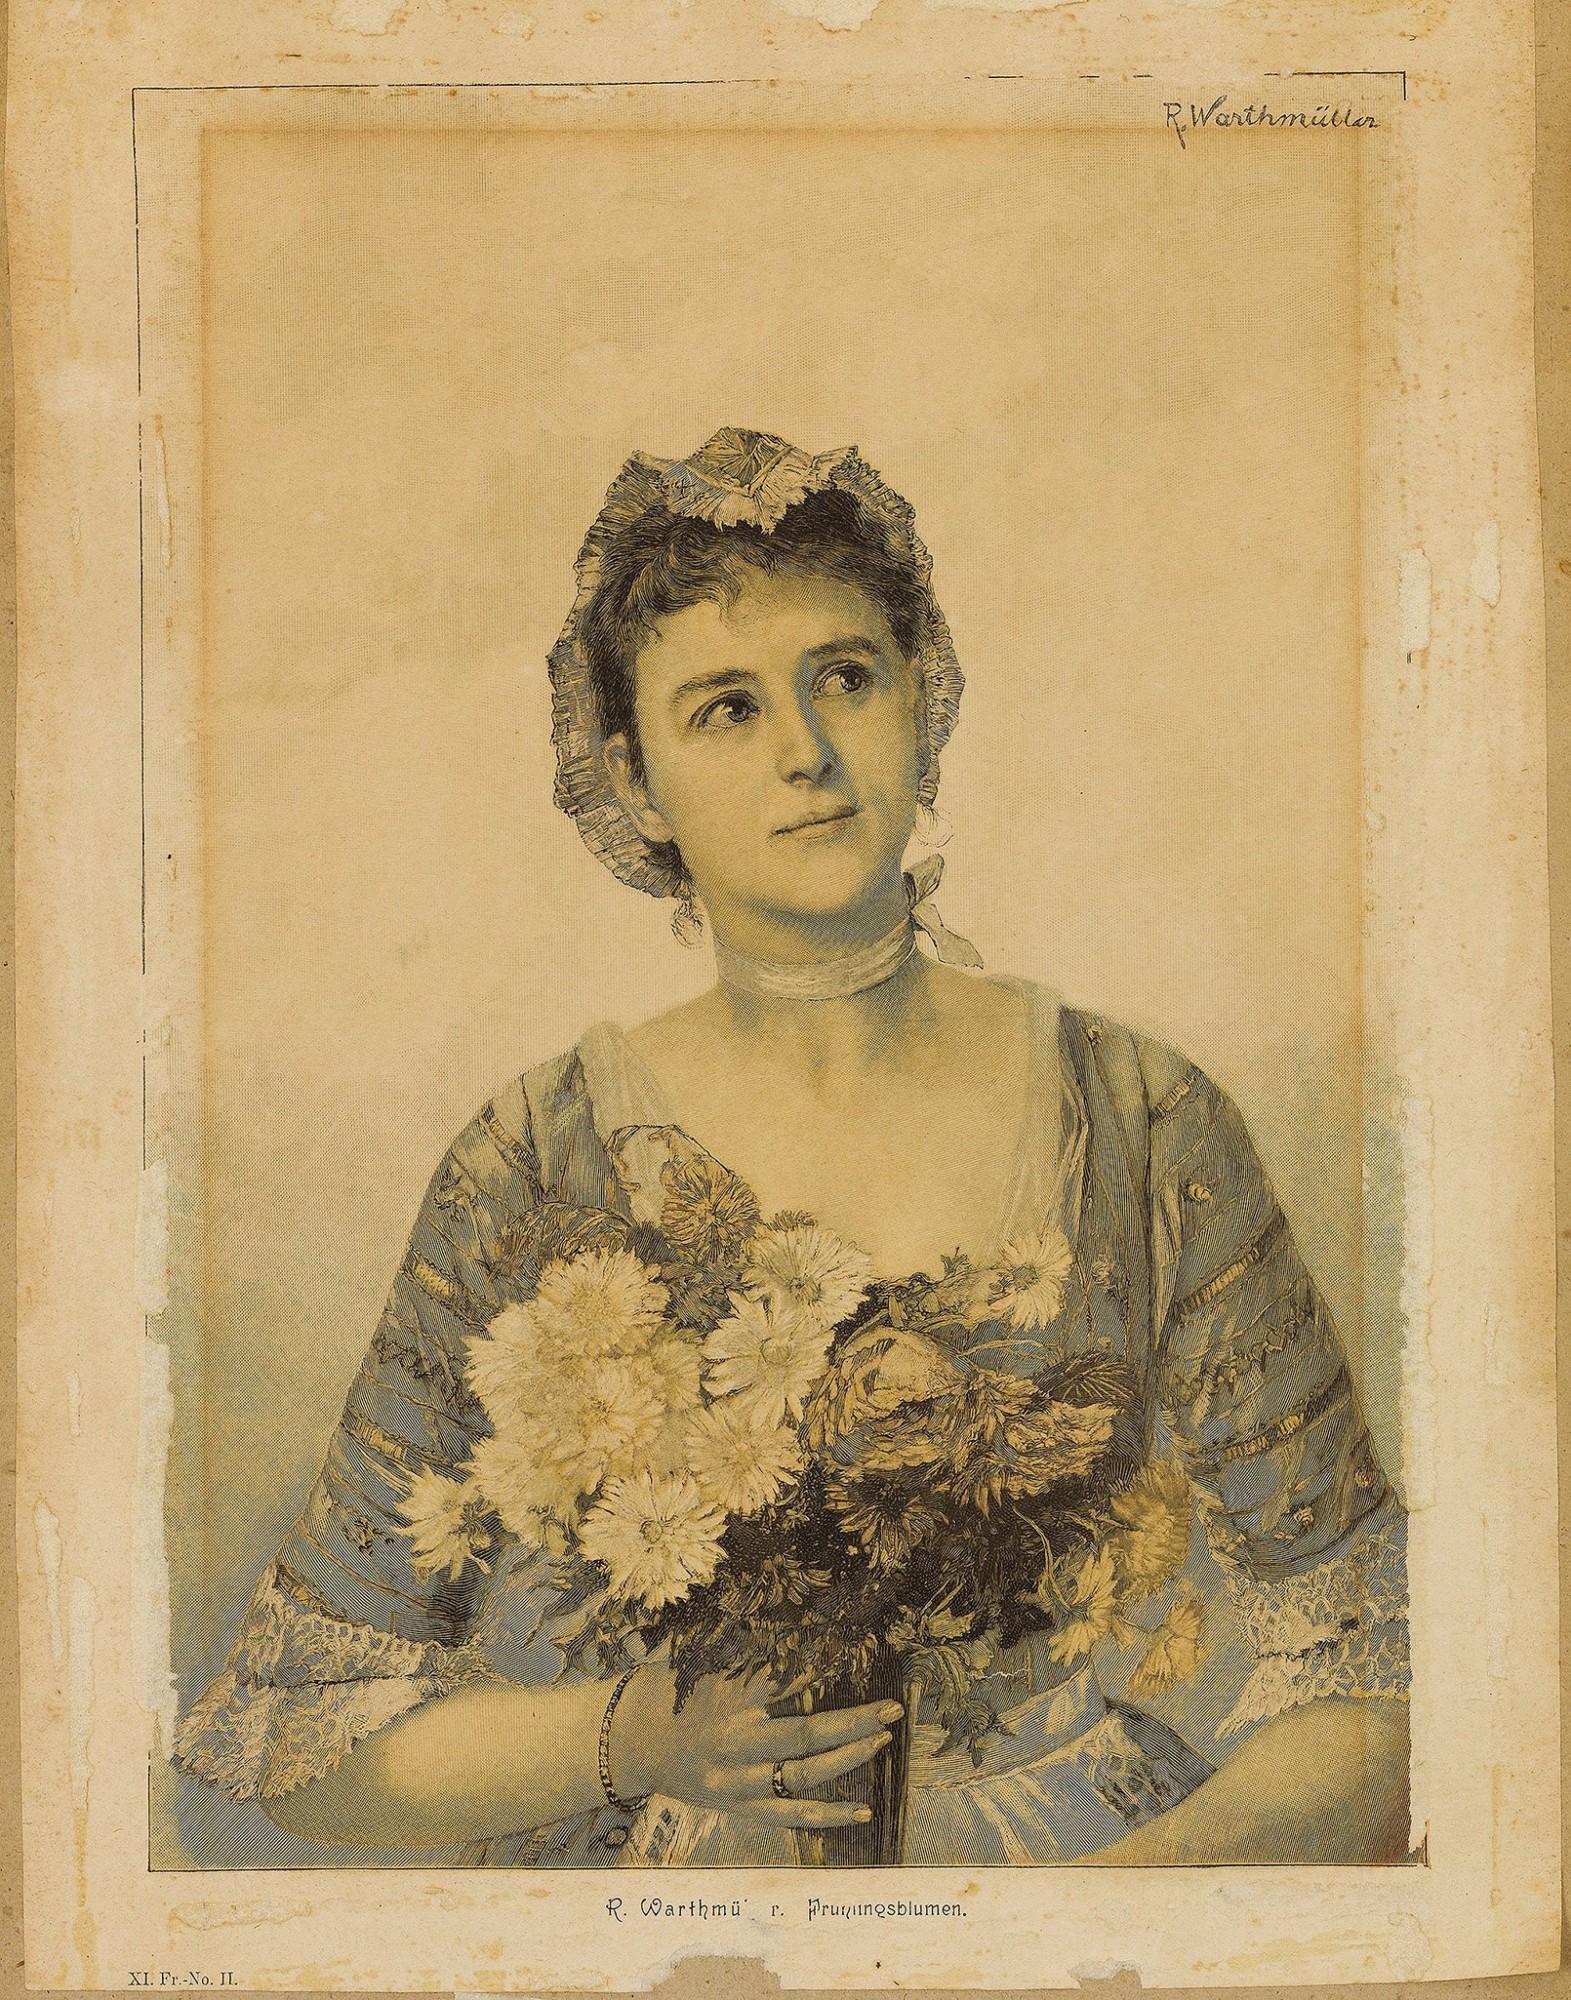 Afbeelding: Reproductie oude gravure, studio werk.